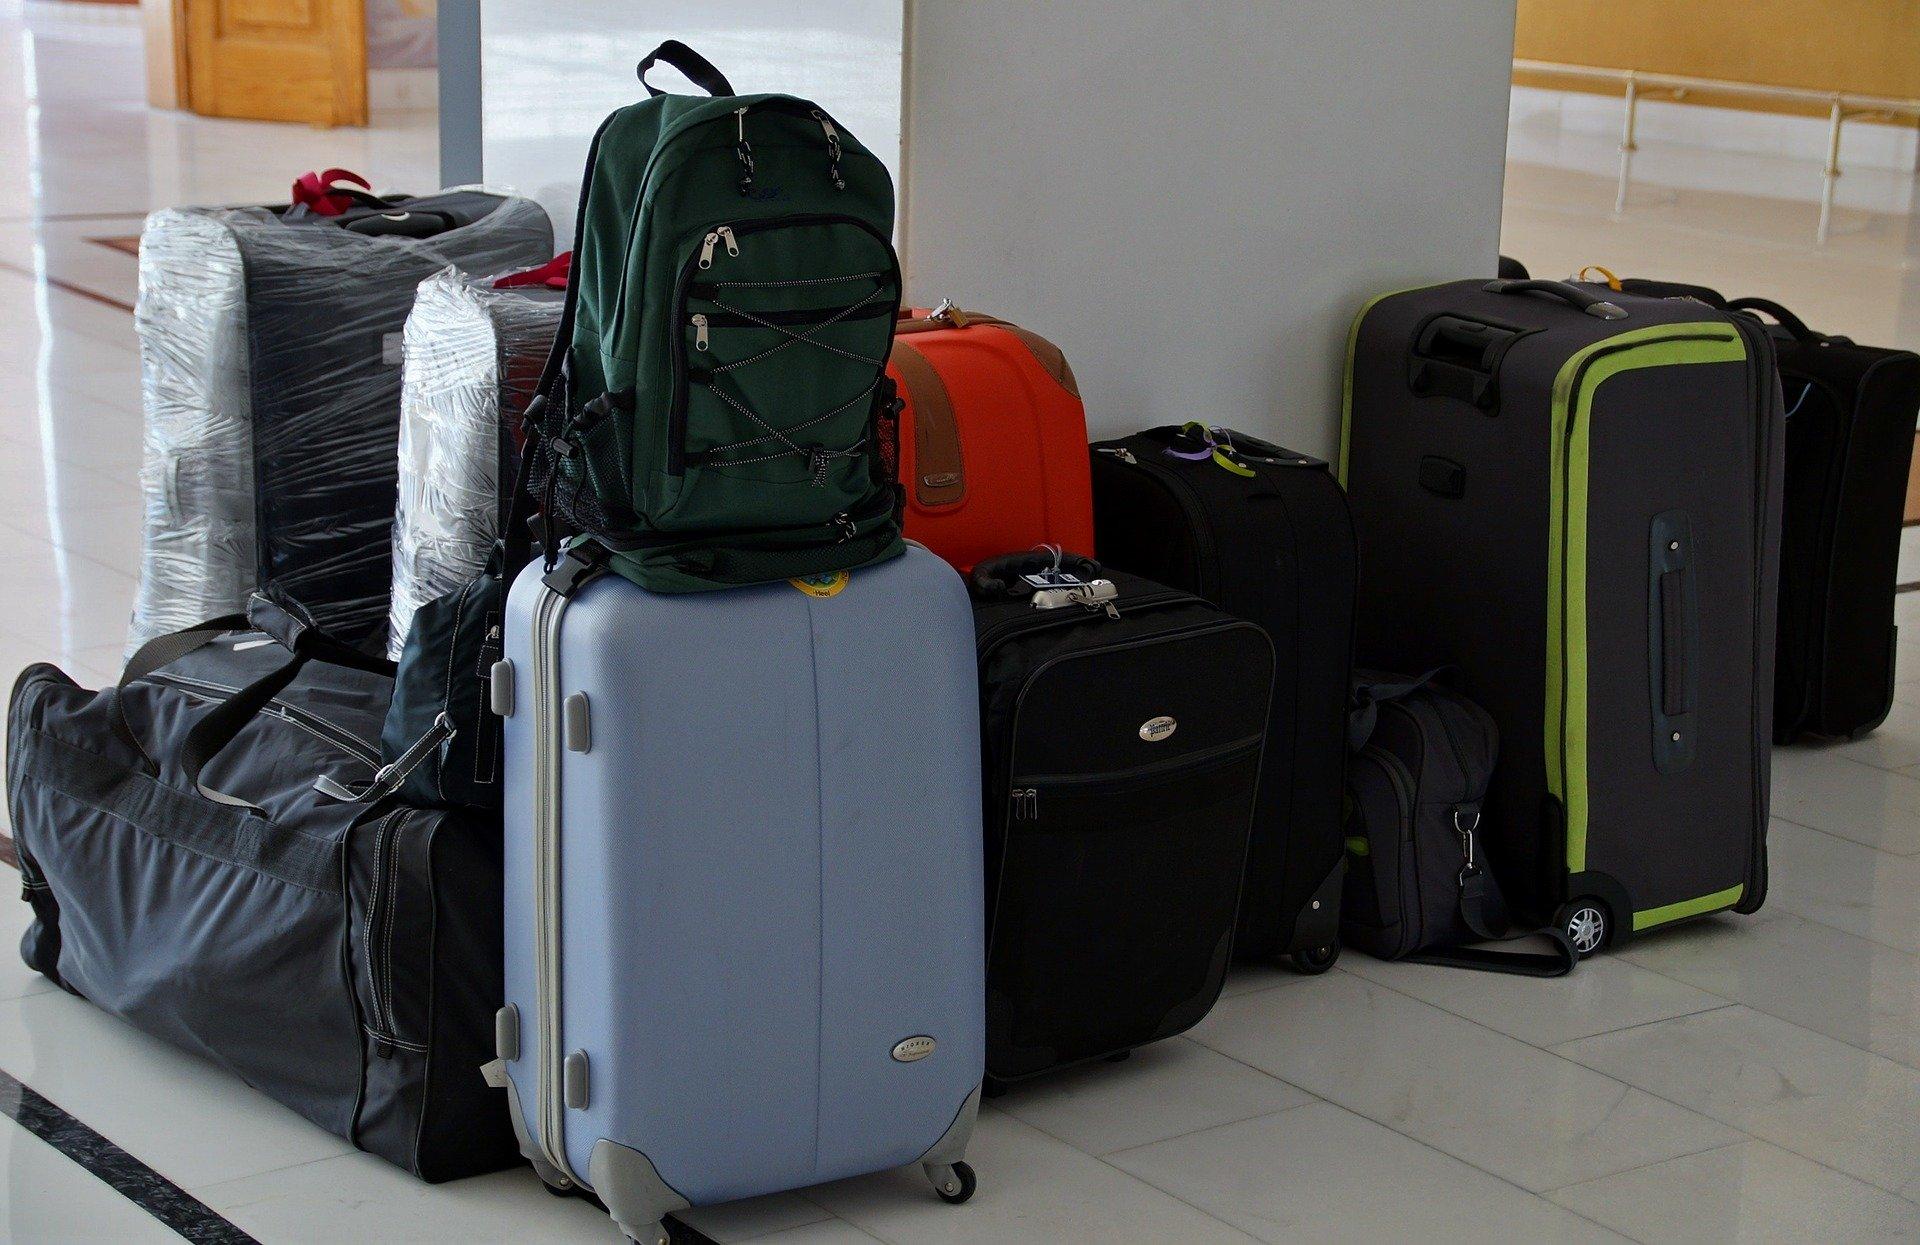 ペルー, マチュピチュ, 観光, 荷物, どのくらい, ホテル